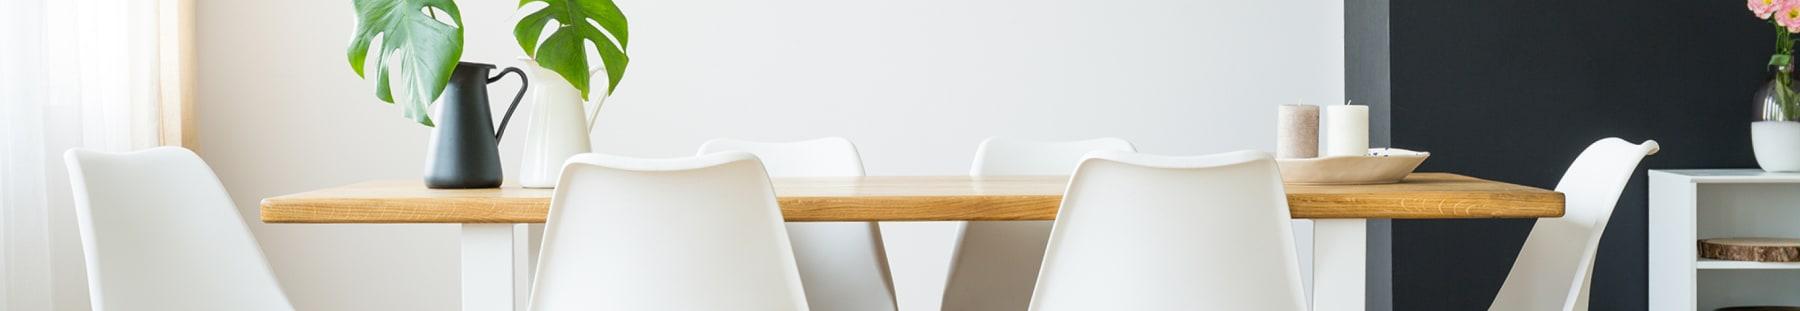 飯田橋駅の椅子付きな貸切できる飲食店